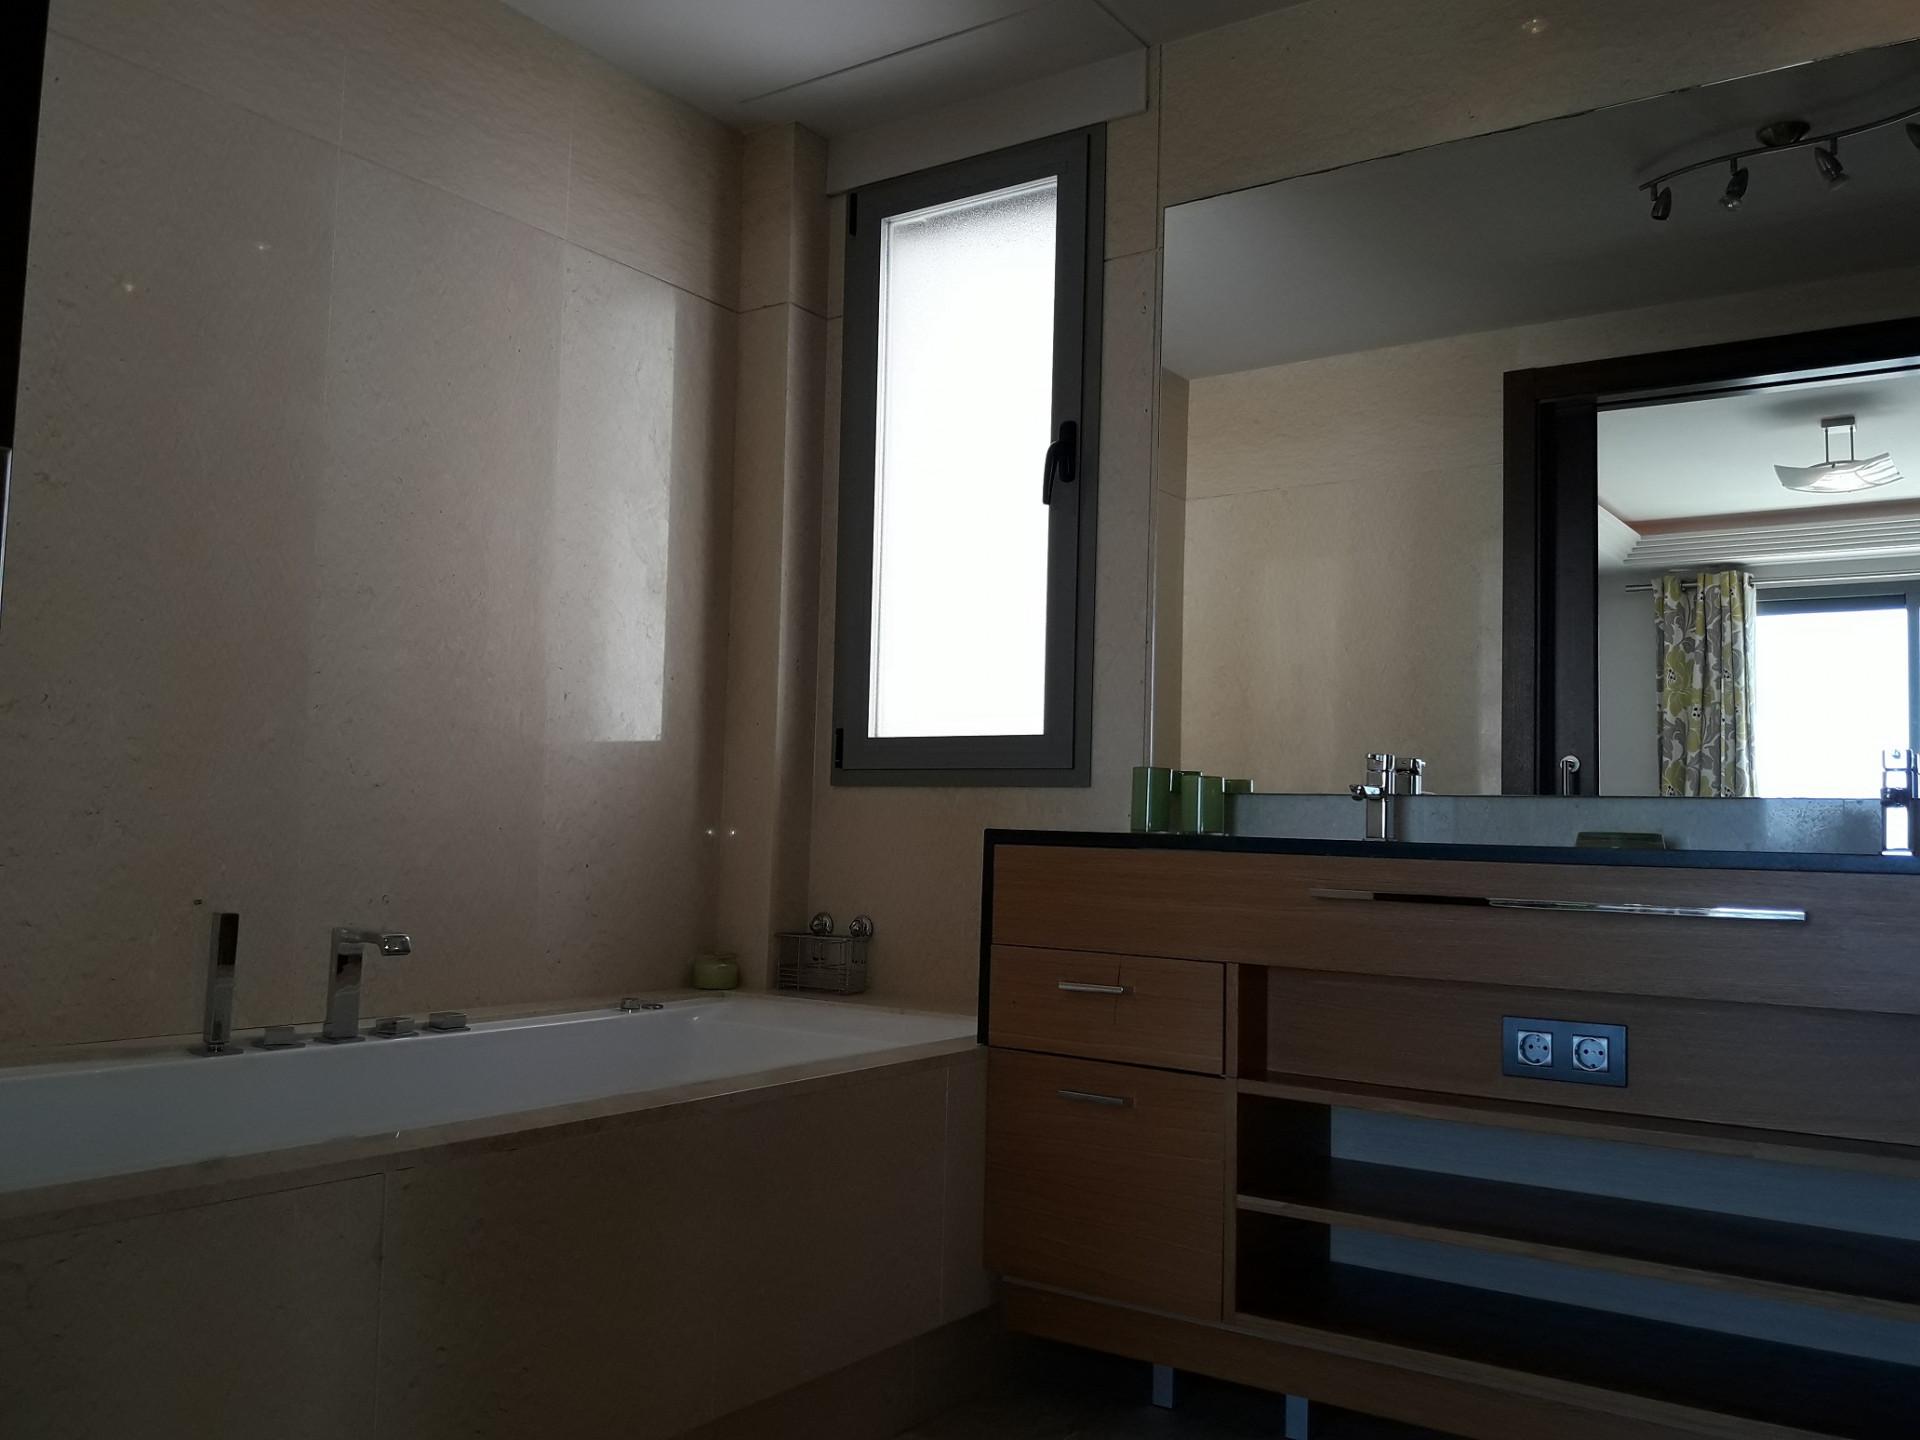 Apartamento de 3 dormitorios con fantásticas vistas al mar